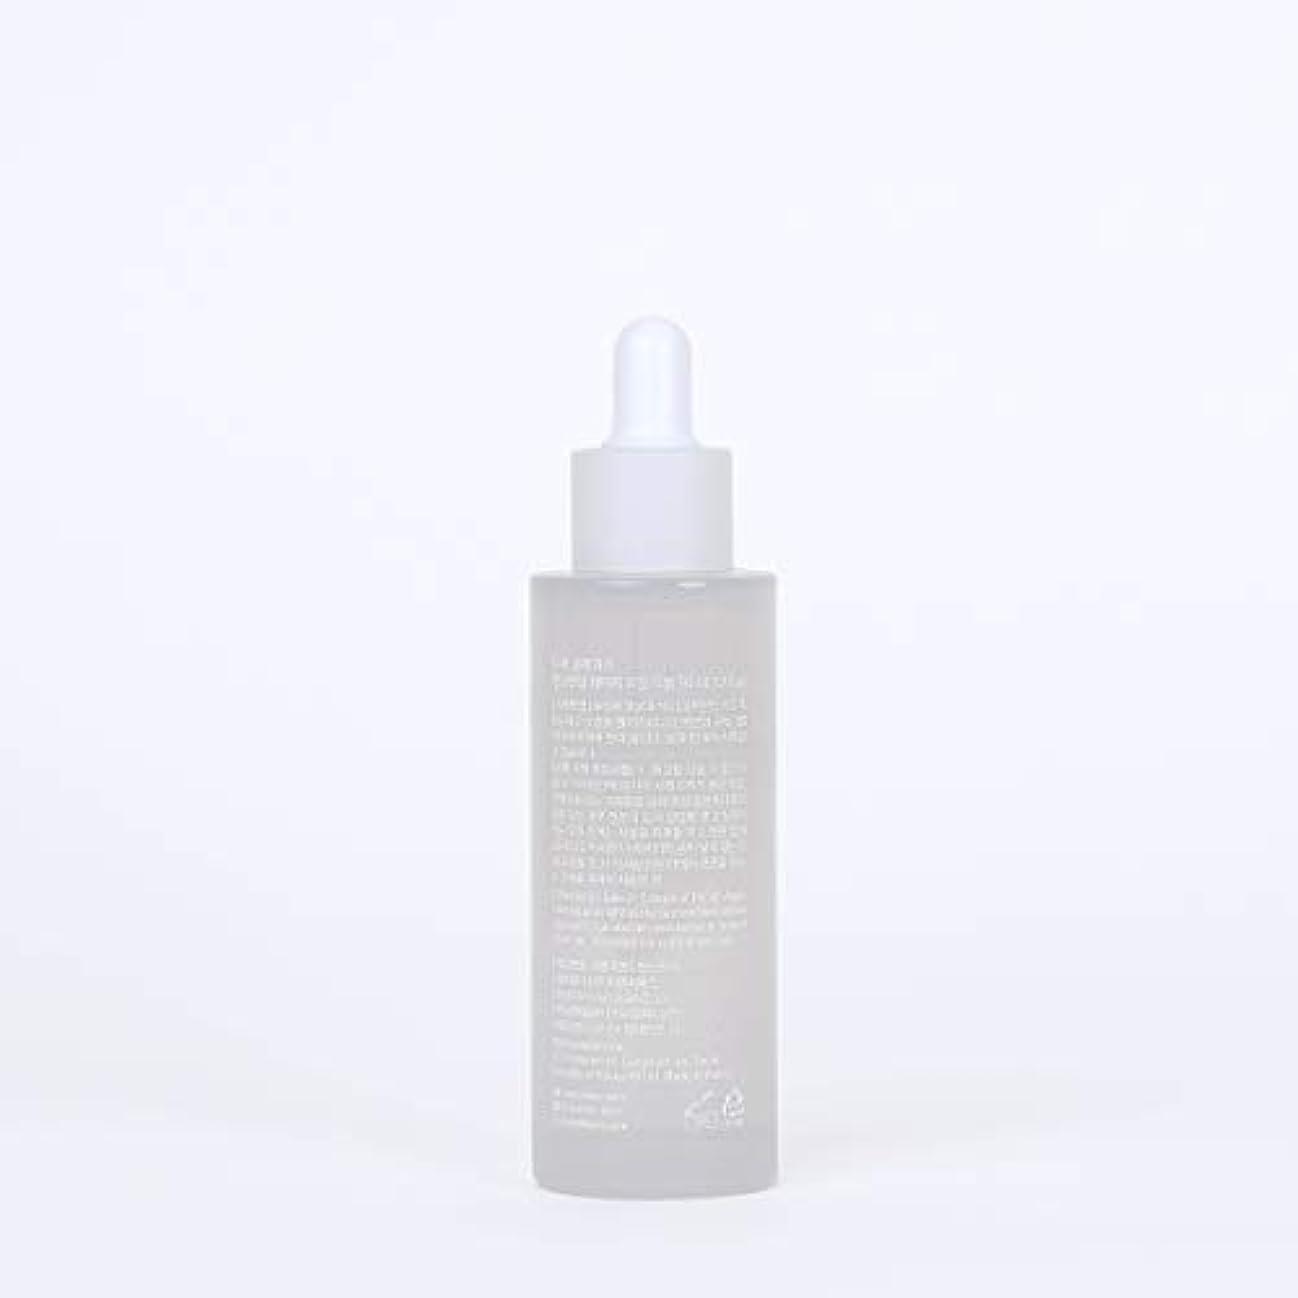 恒久的経過割る【クレアス(Klairs)】ファンダメンタルウォーターリーオイルドロップ, Fundamental Watery Oil Drop, 50ml, [並行輸入品]